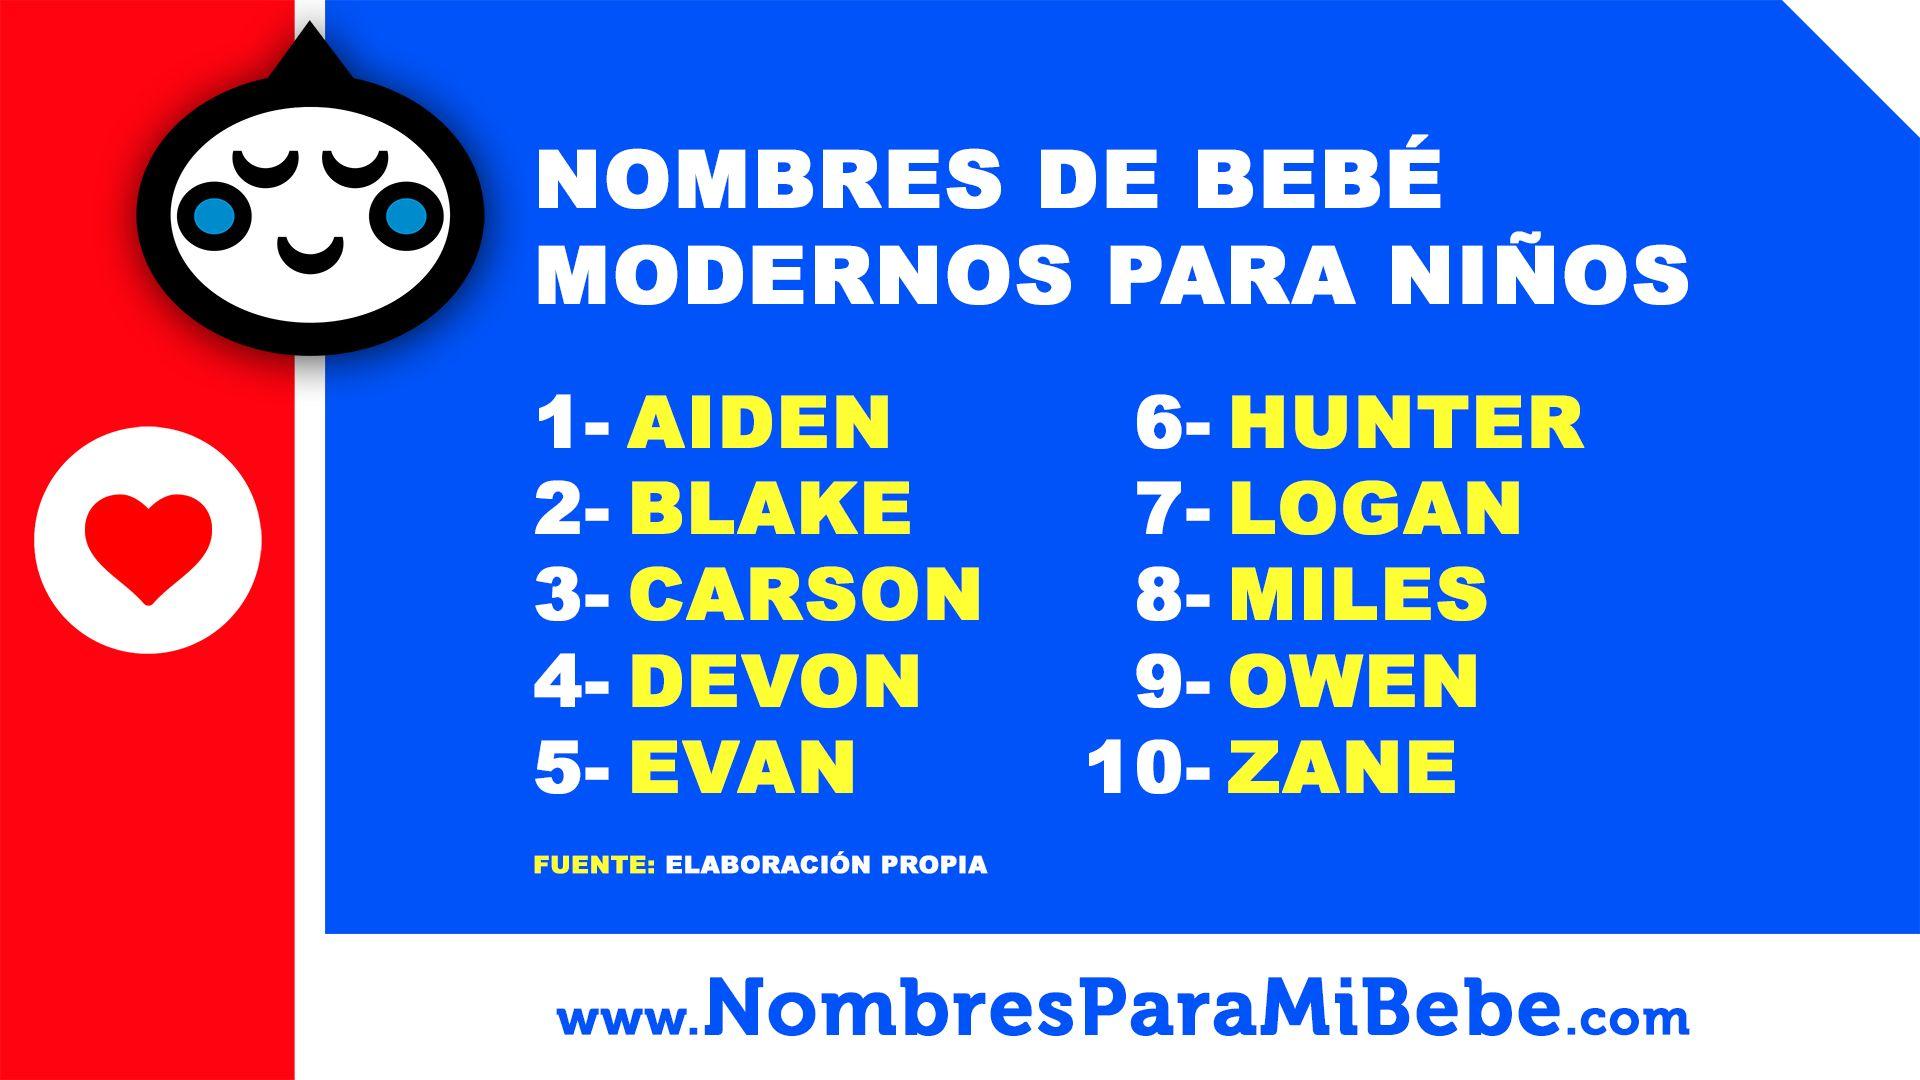 Nombres Modernos De Bebés Para Niños Más Nombres De Bebé En Http Www Nombresparamib Nombres Aztecas Para Niños Nombres De Bebes Nombres Para Bebes Niños